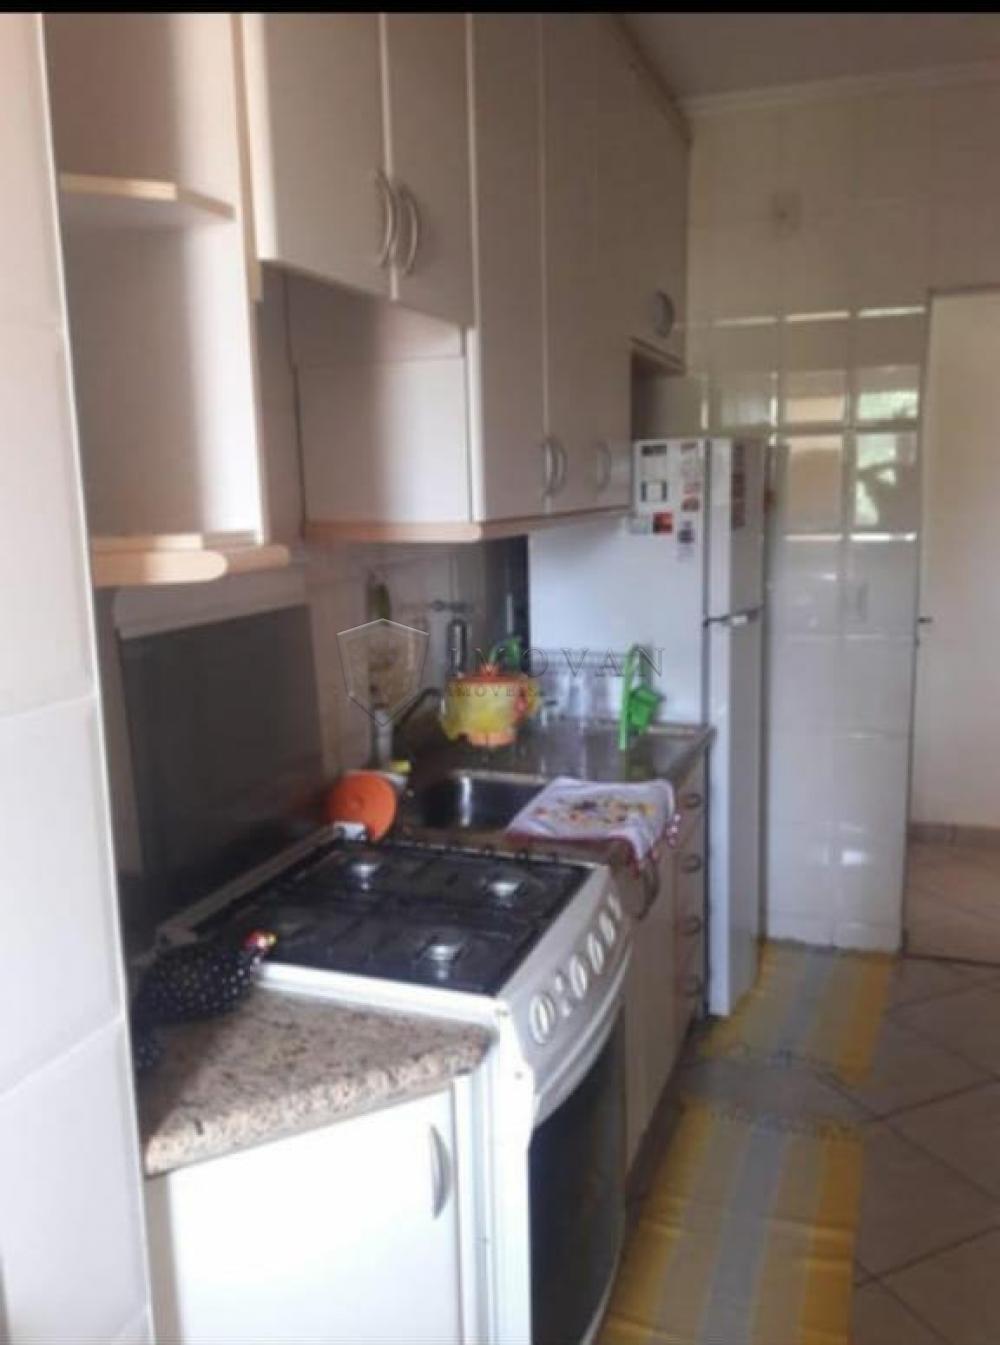 Comprar Apartamento / Padrão em Ribeirão Preto apenas R$ 267.000,00 - Foto 5